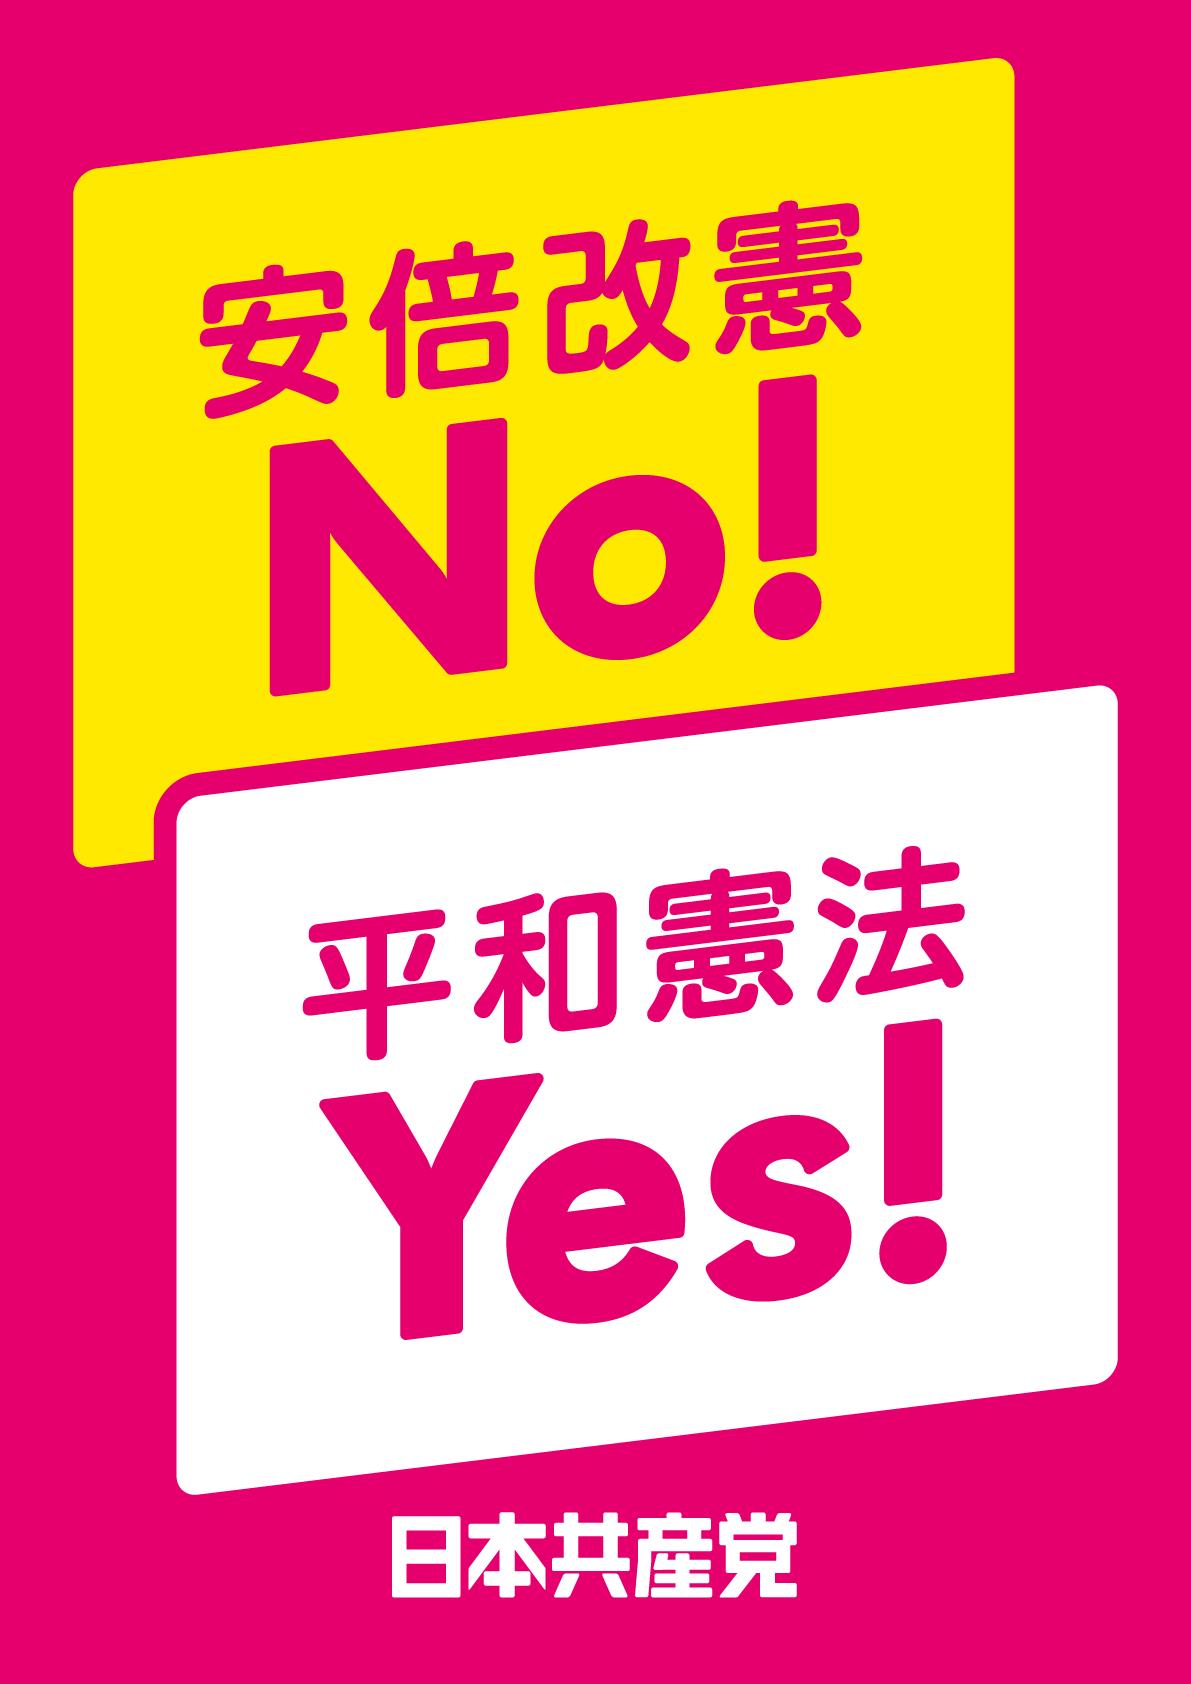 安倍改憲No! 平和憲法Yes!